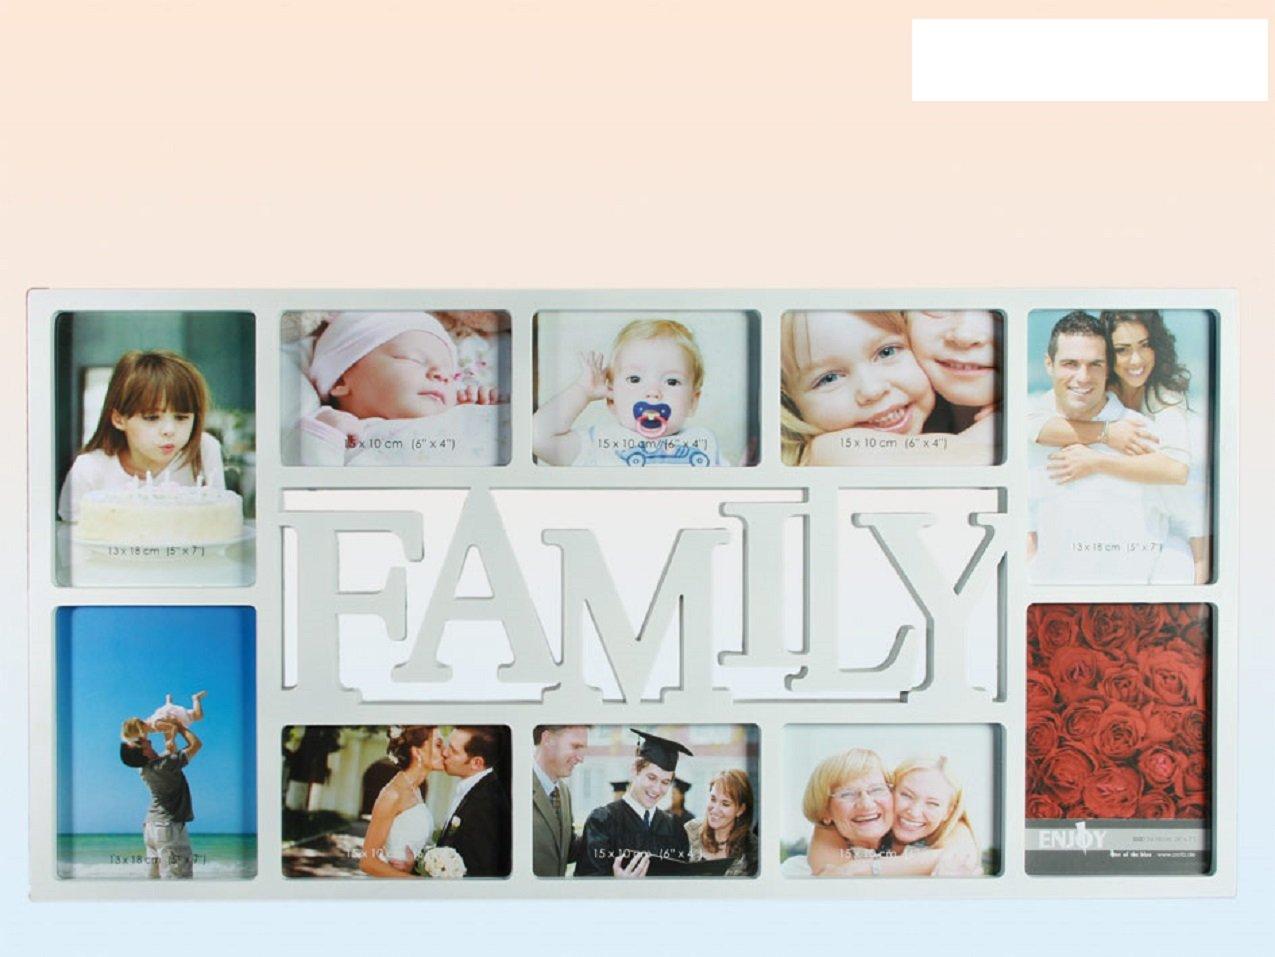 Amazon.de: Fotorahmen Collage Weiß 10 Fotos - 6 Fotos 10x15 und 4 ...